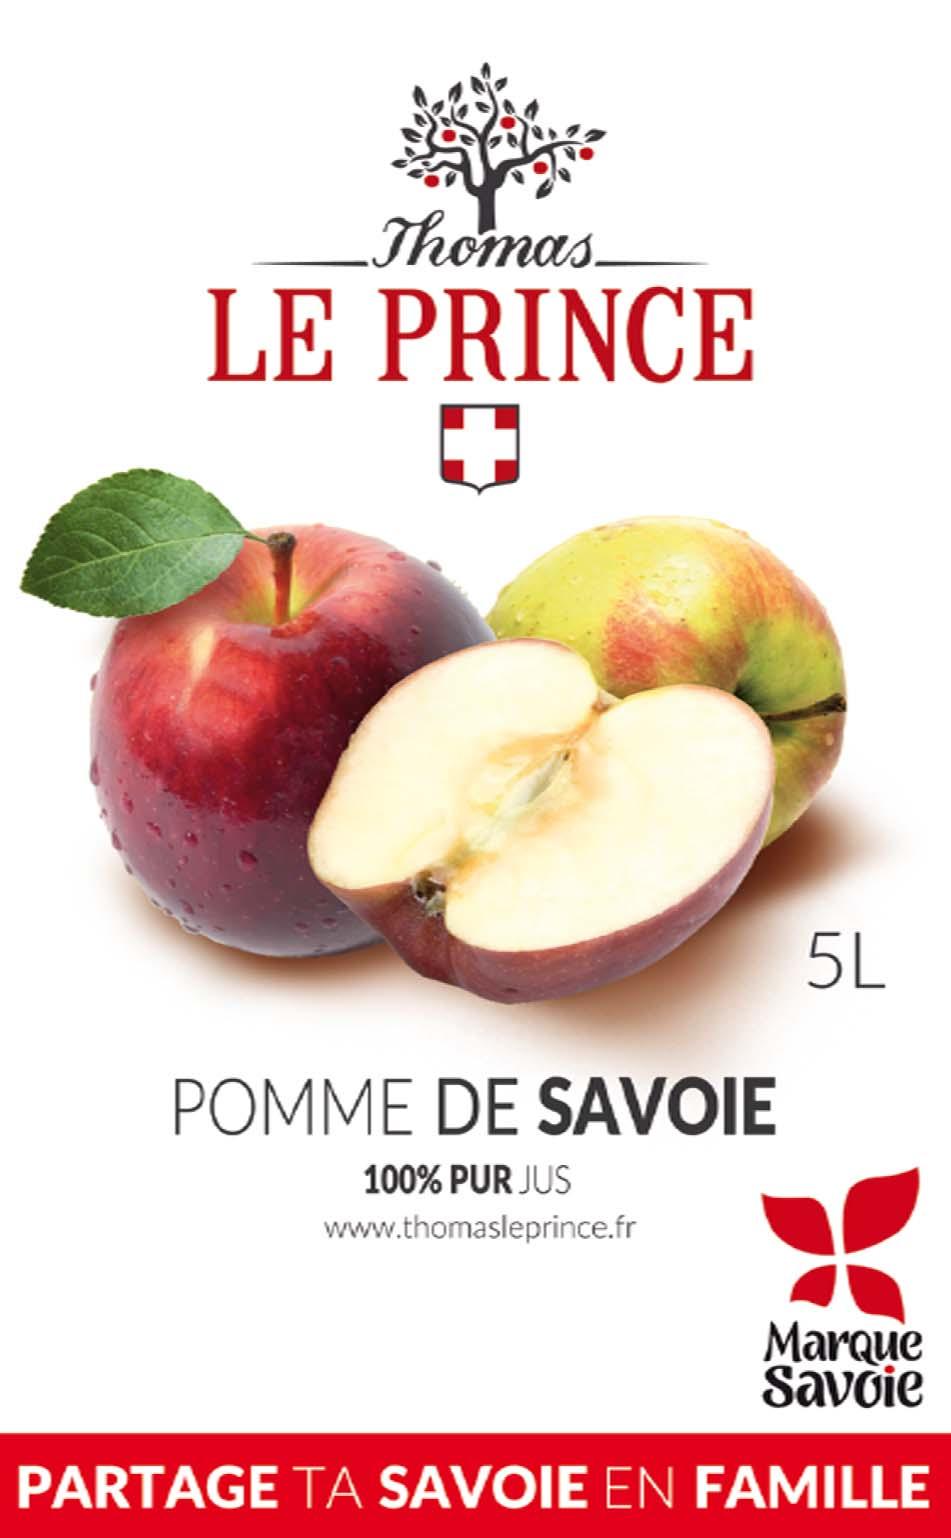 Pomme de Savoie